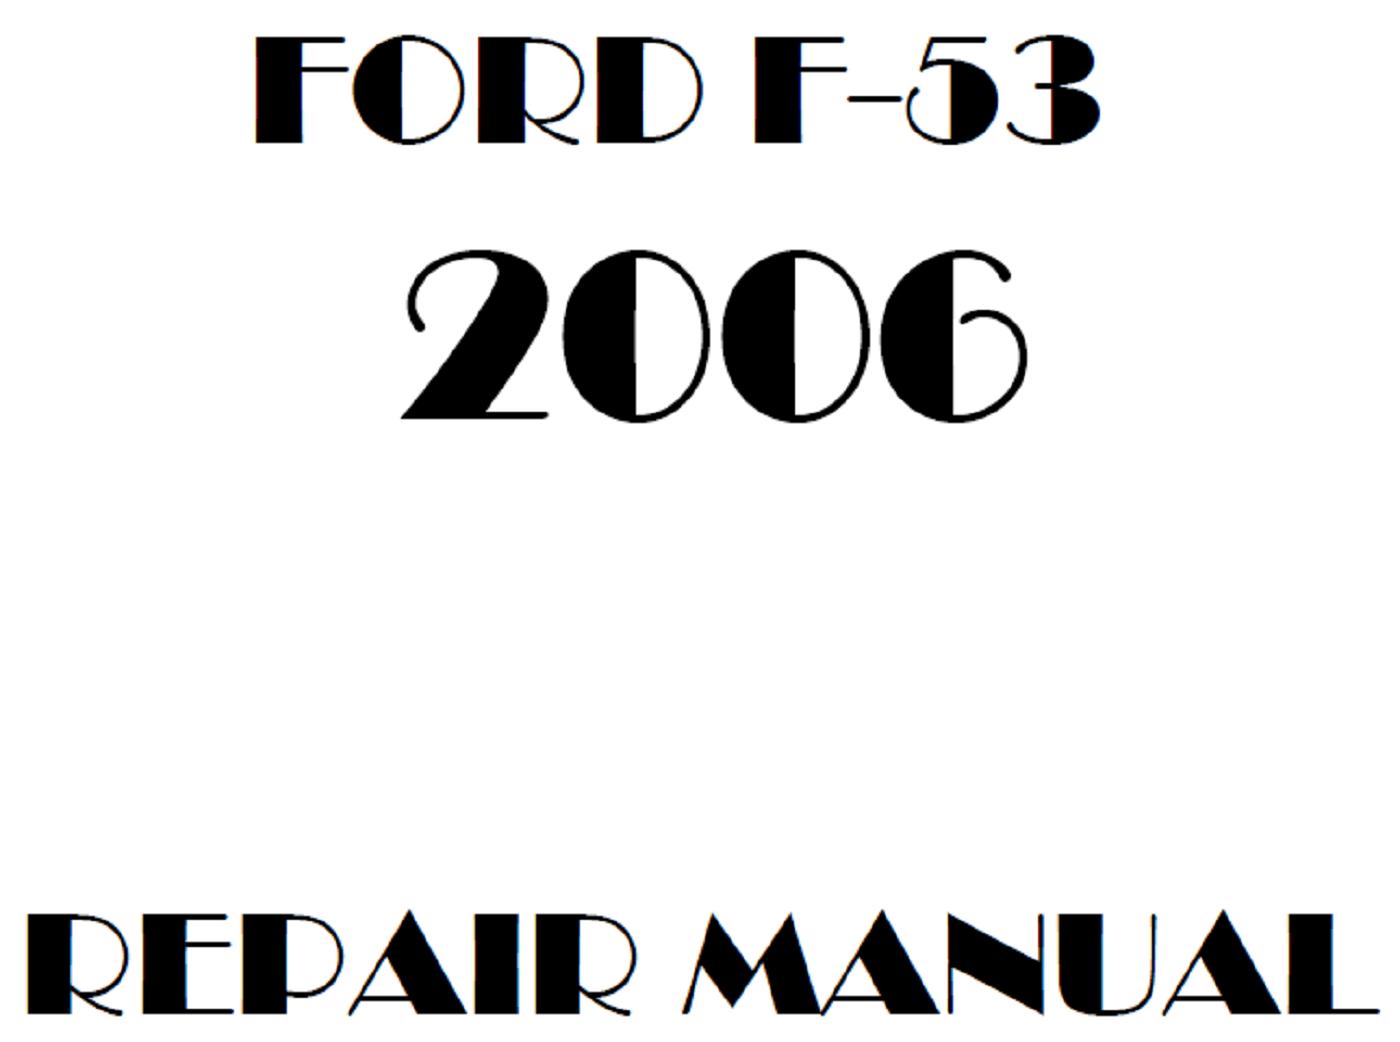 2006 Ford F53 repair manual